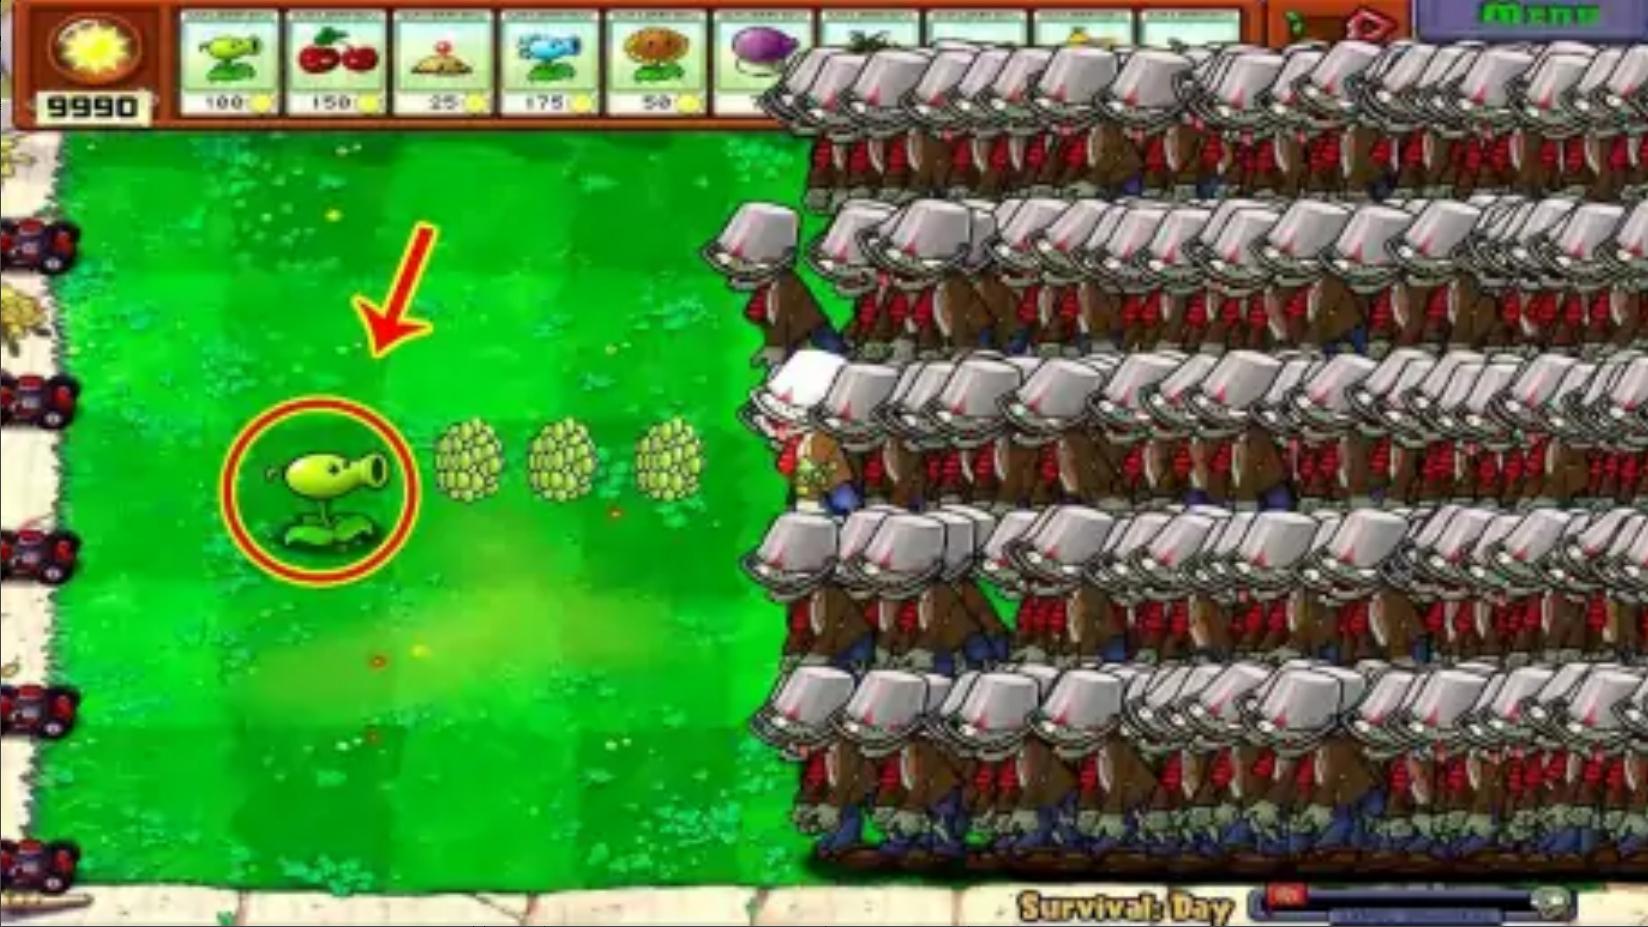 植物大战僵尸贝塔版玩家:这可能是我玩过最简单的关卡了